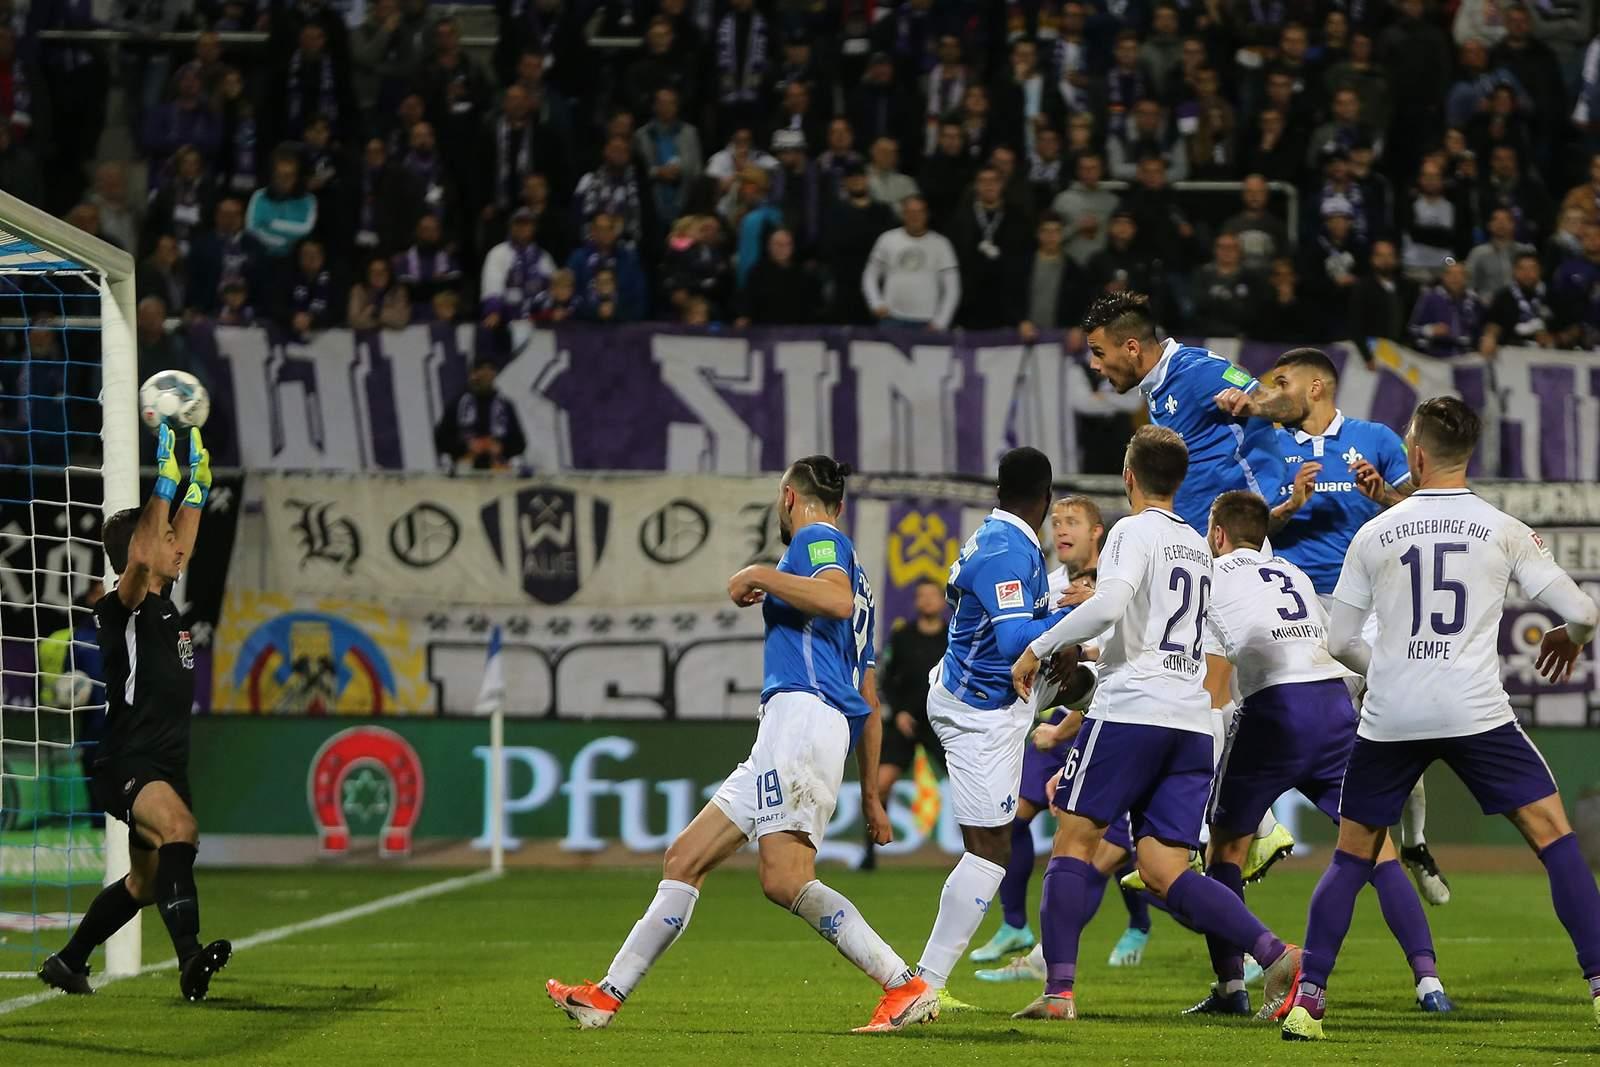 Dario Dumic erzielt im Spiel Darmstadt gegen Aue ein Kopfballtor